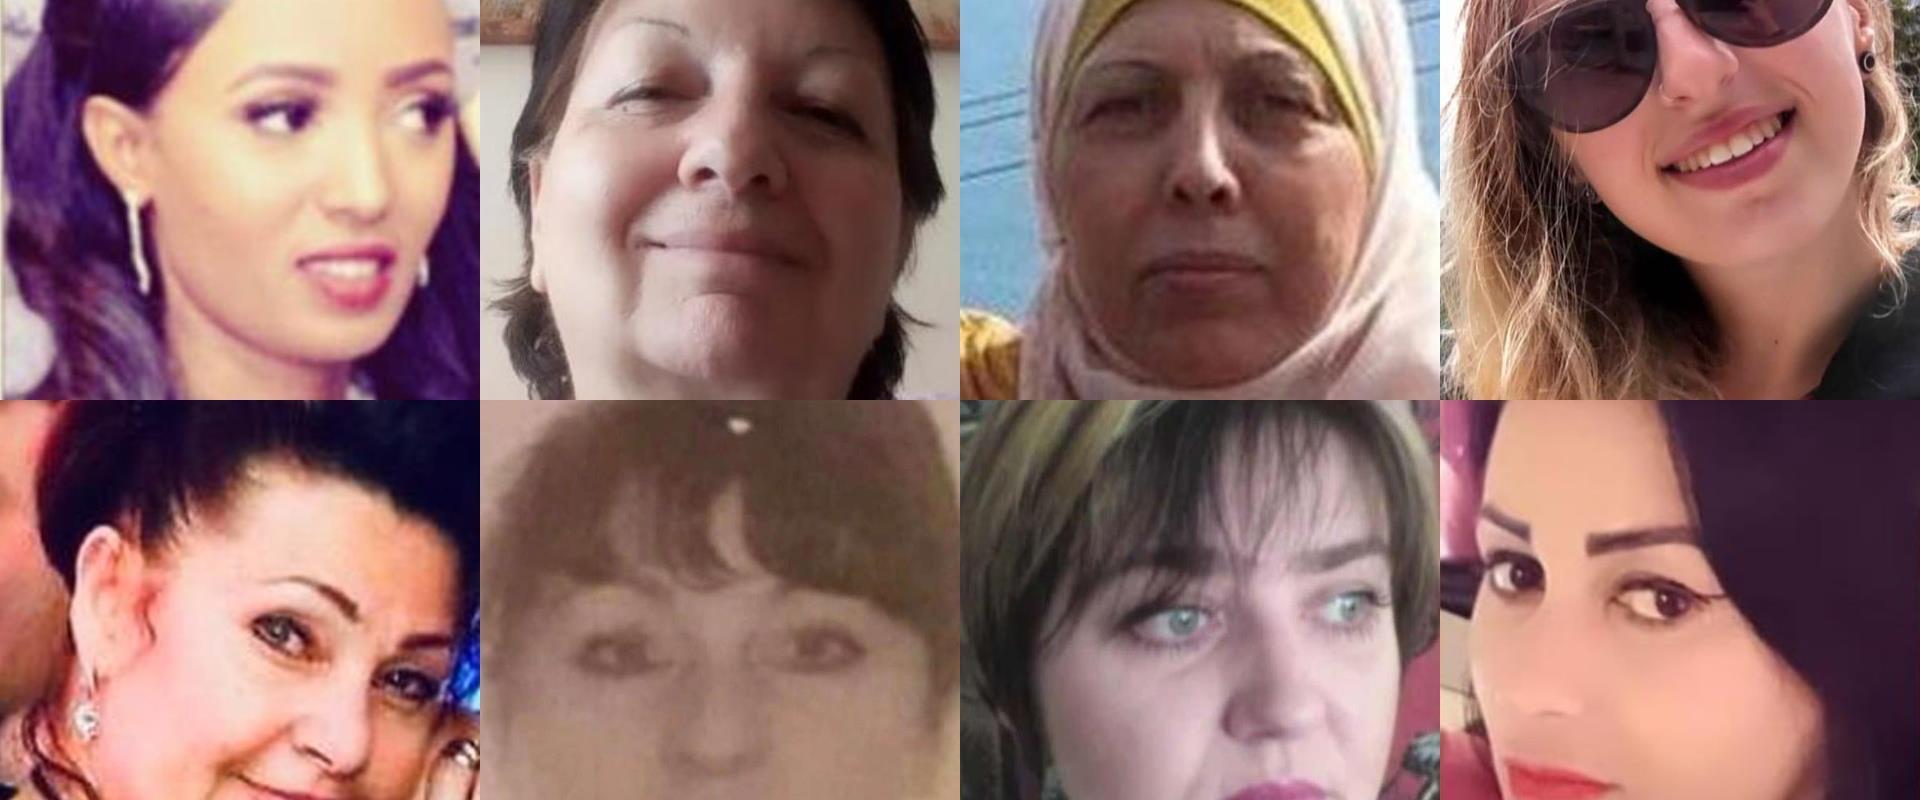 נשים שנרצחו בידי בני זוגן ב-2020